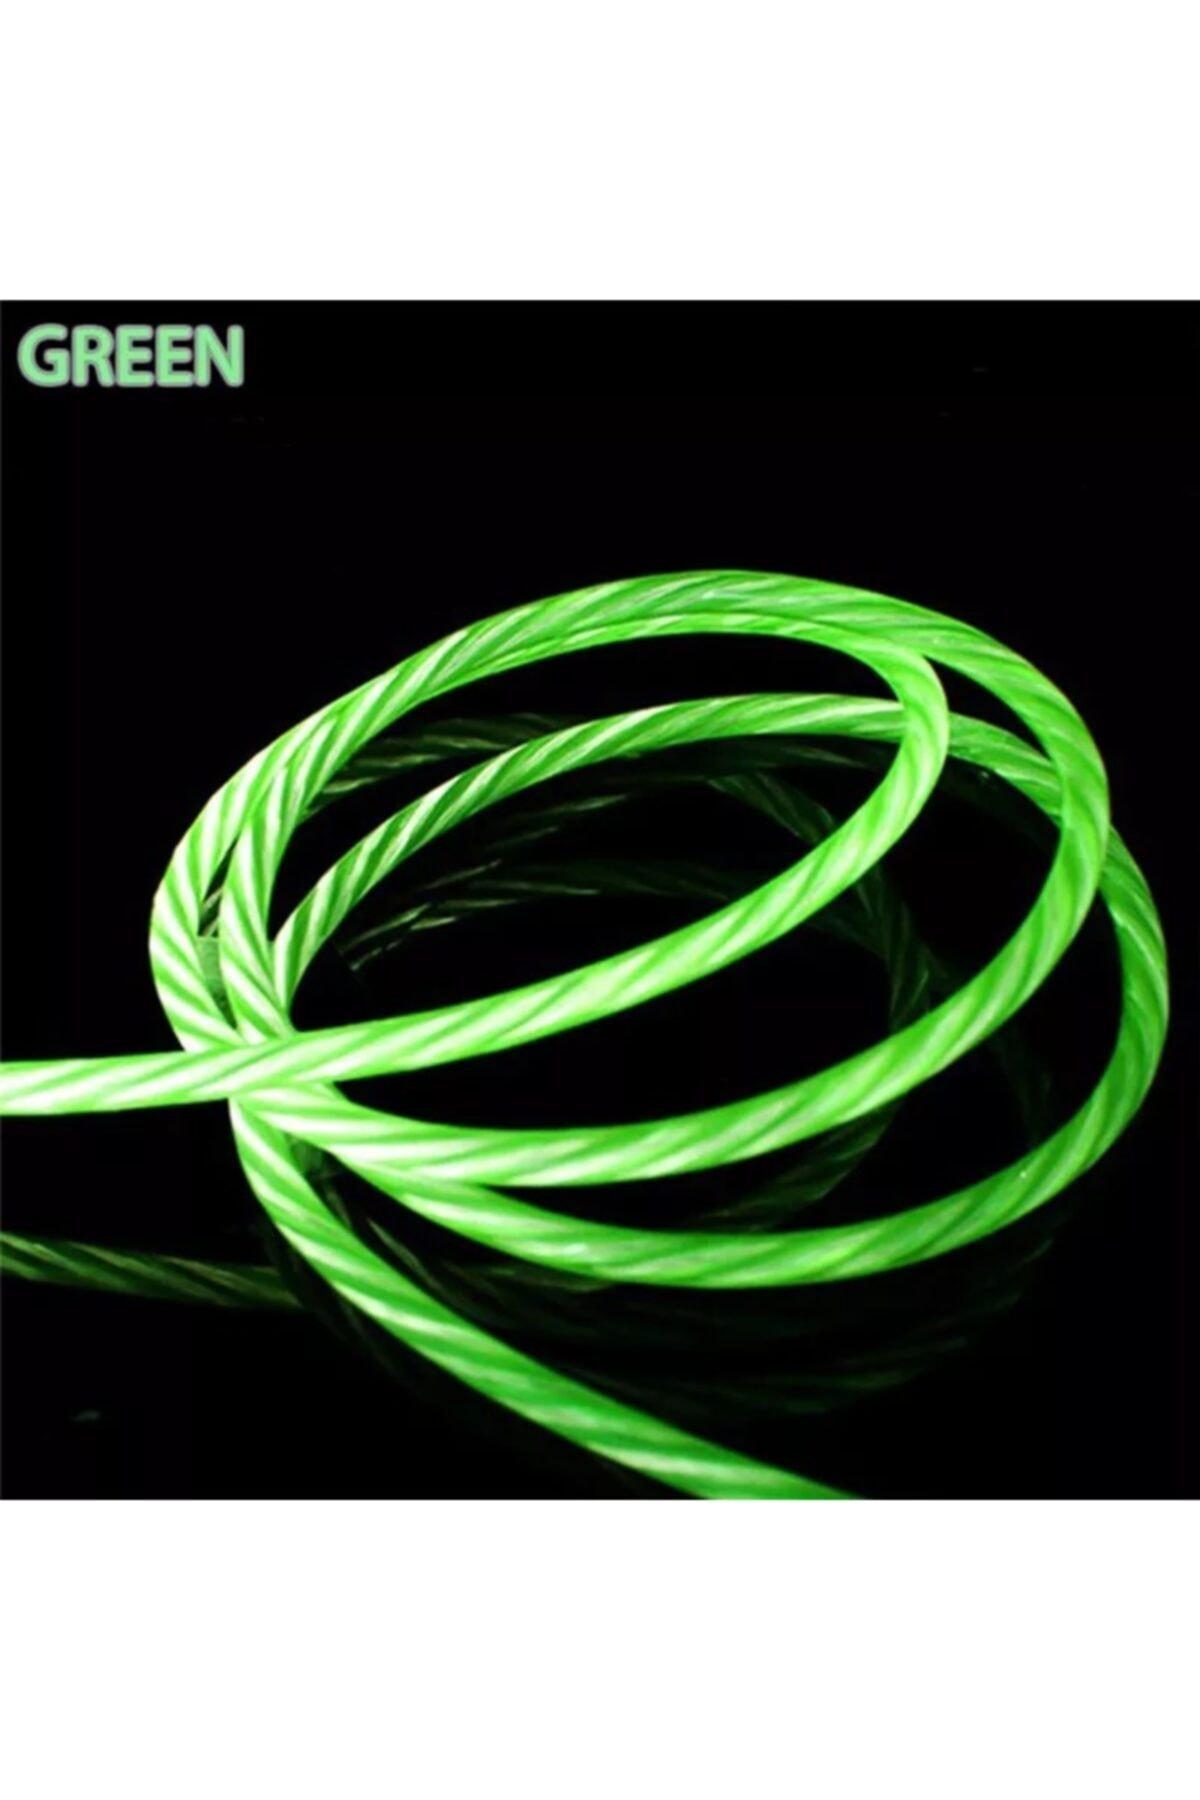 ucuzmi Iphone Lighting Full Işıklı Hareketli Hızlı Şarj Kablo 60w 3.0a Yüksek Kalite Renk:yeşil 2